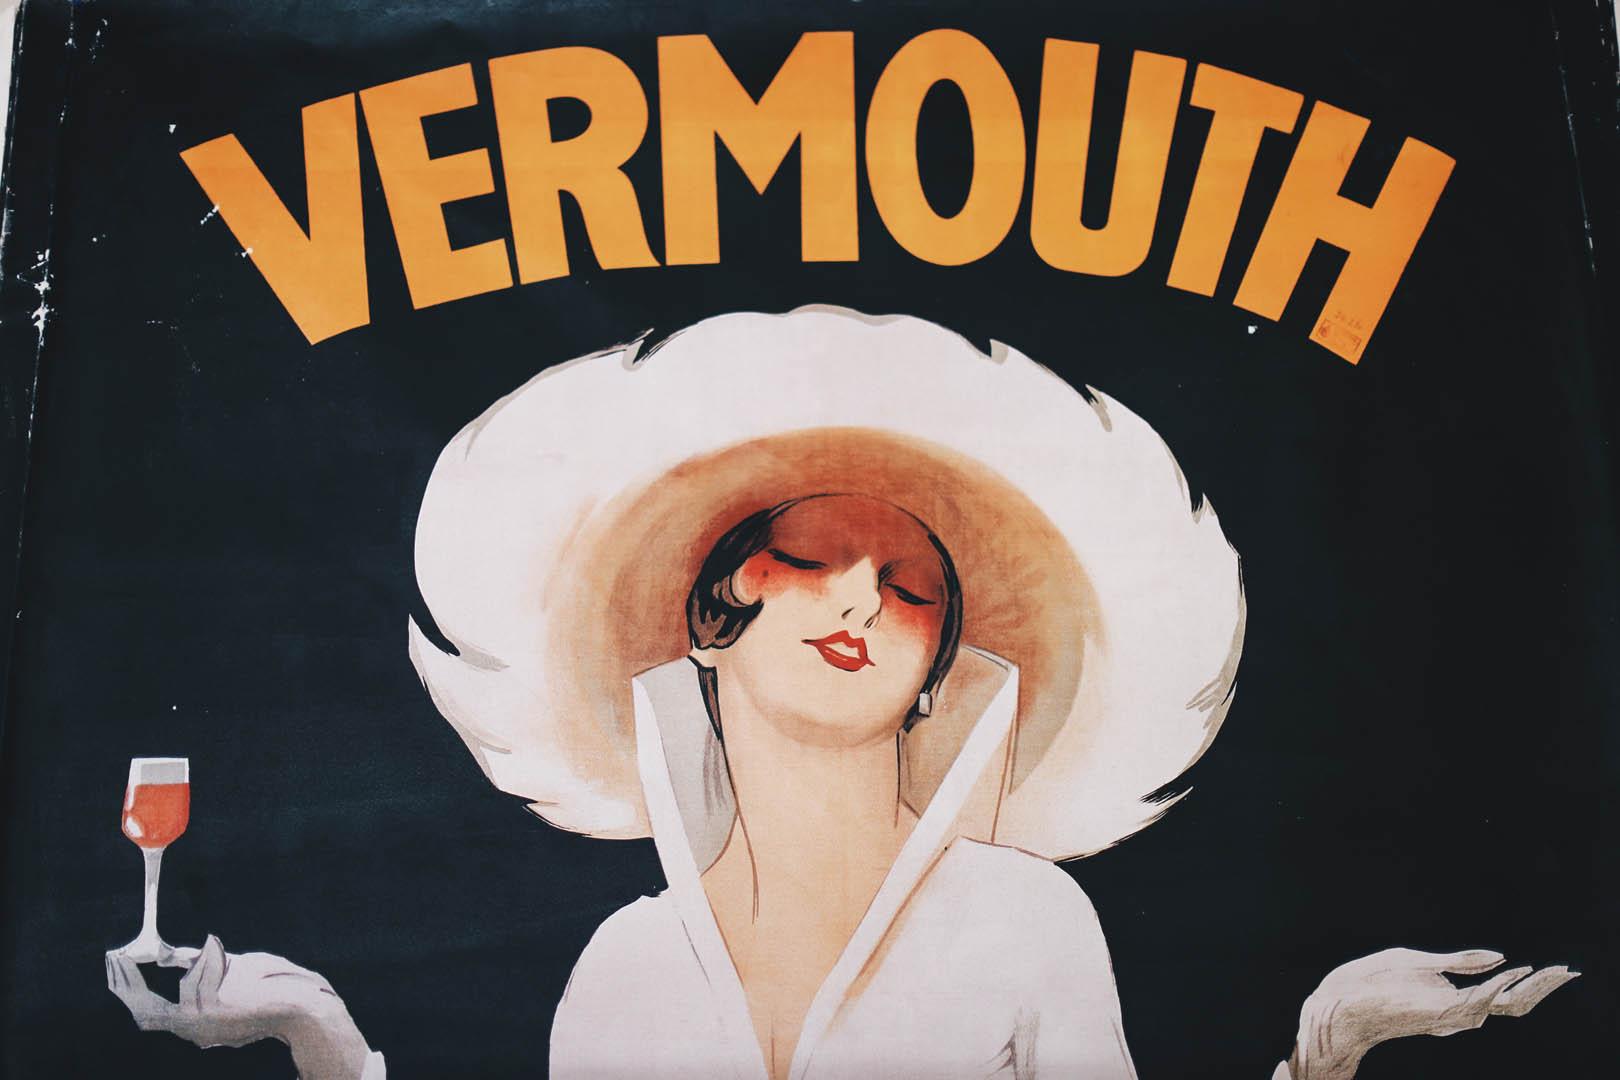 vermouth wermut vermut